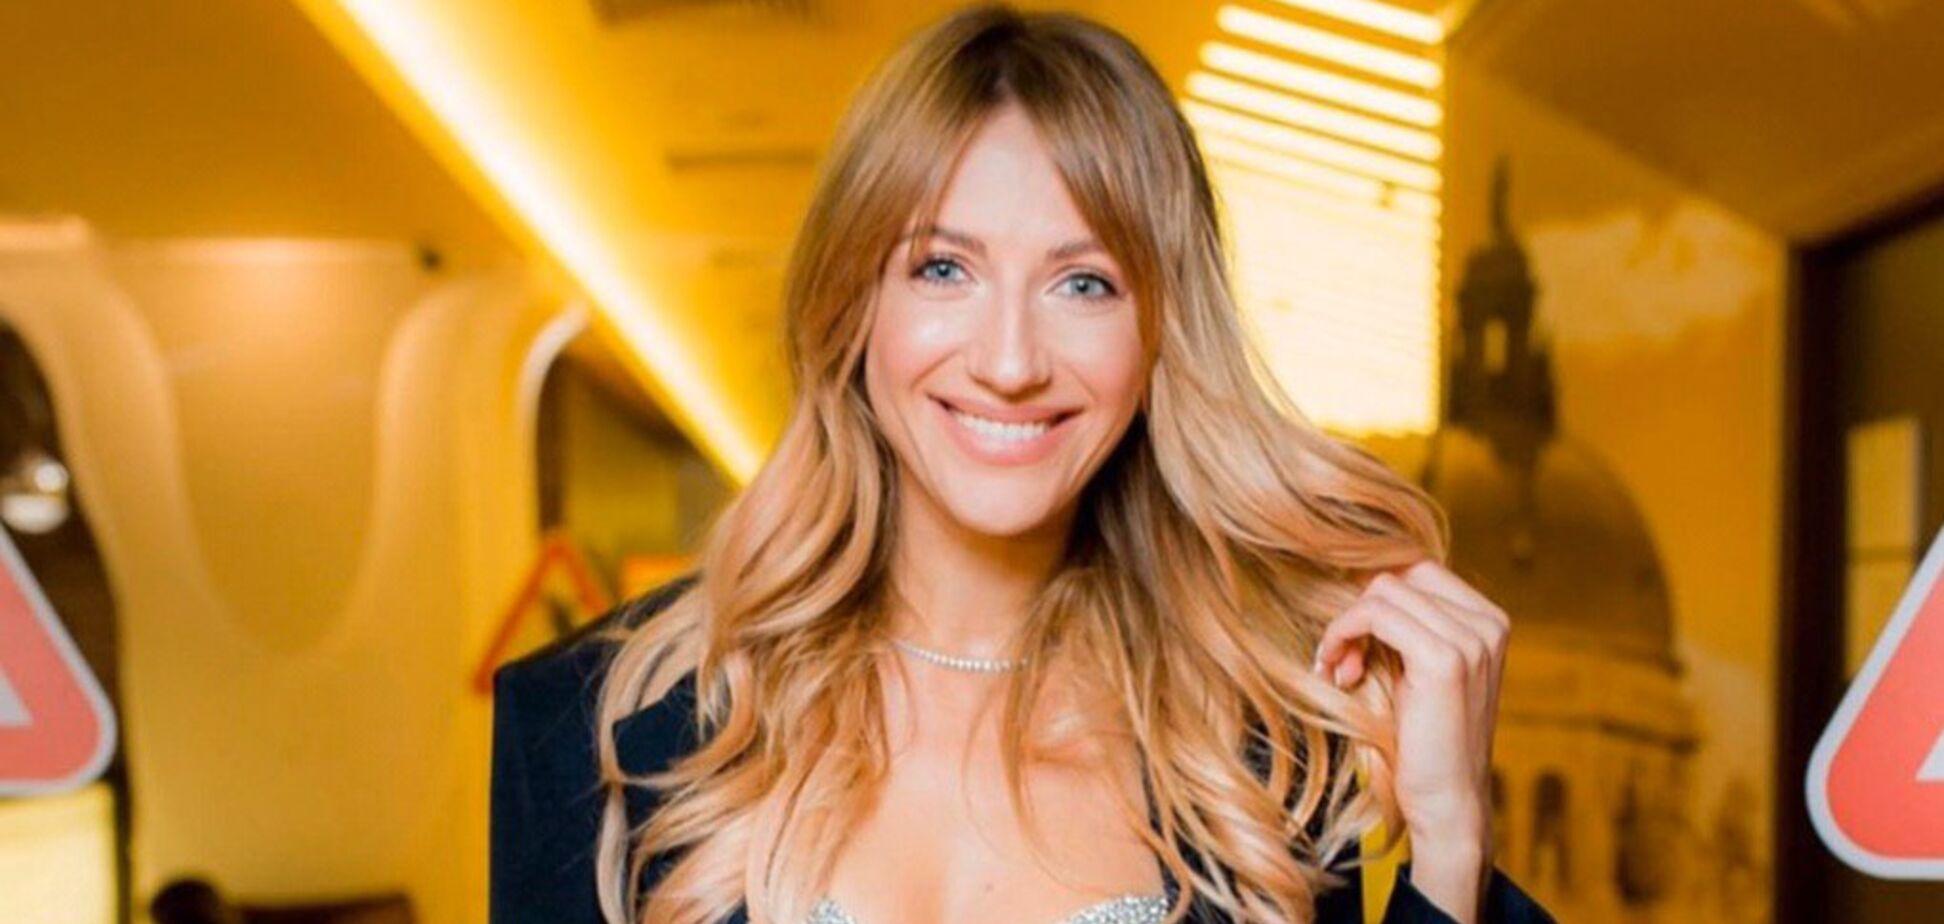 Леся Никитюк засветила грудь в сексуальном наряде: горячее фото